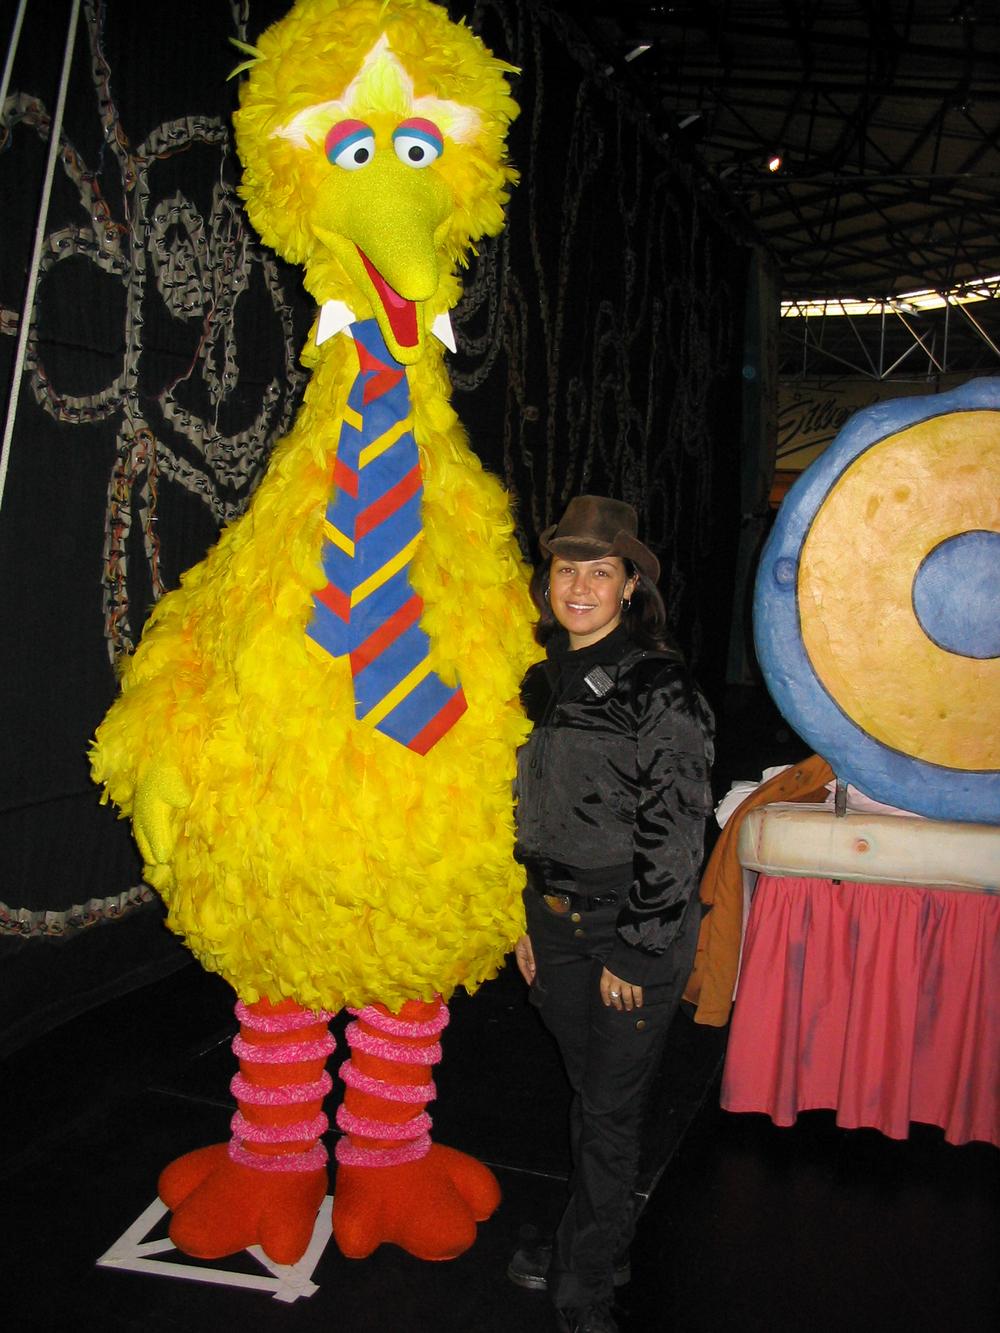 MG+and+Big+Bird+at+Venue.jpg